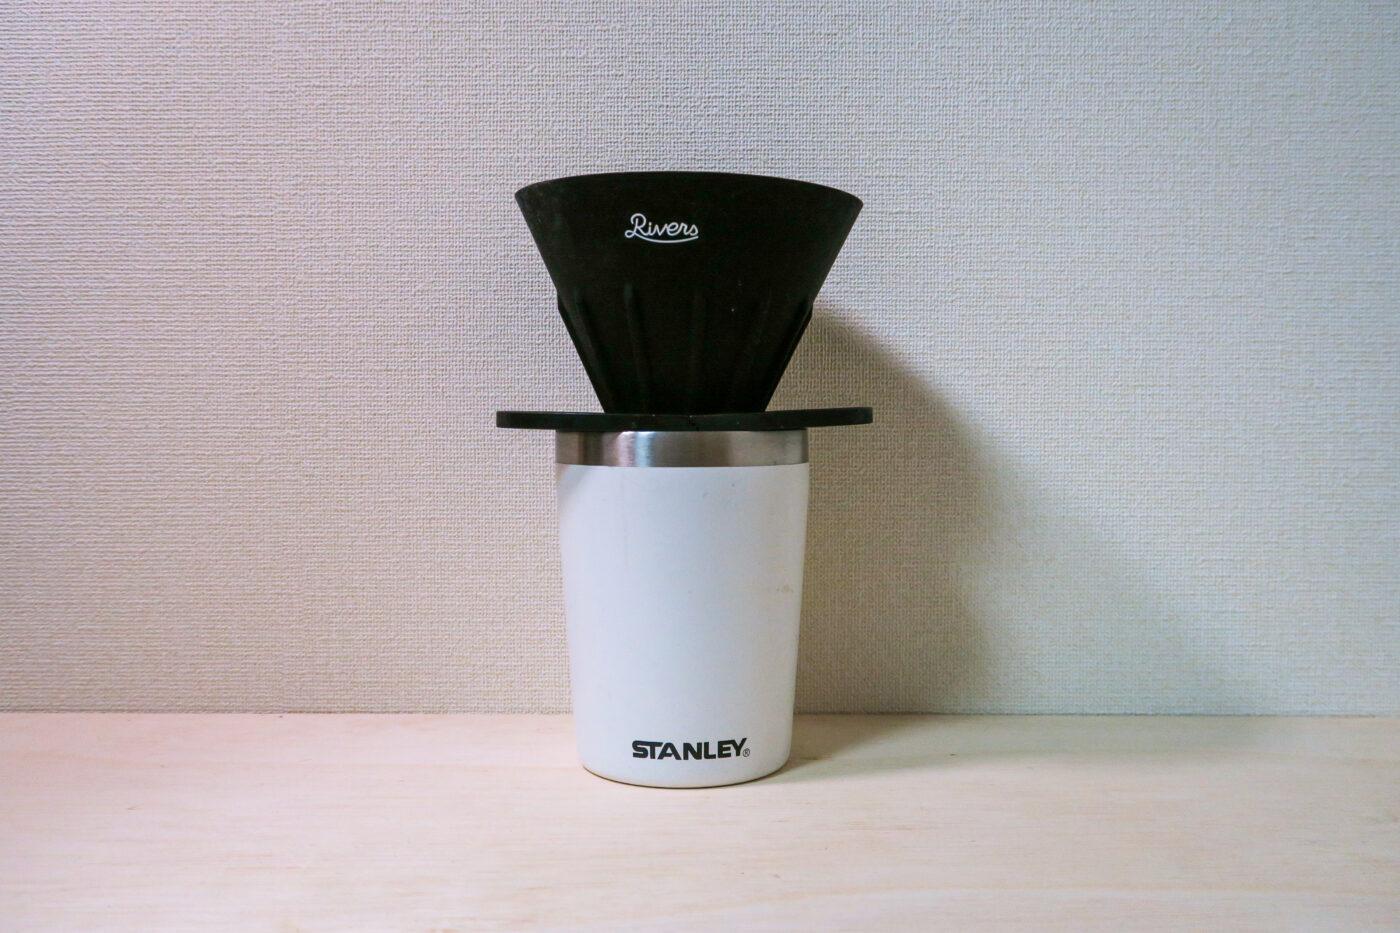 1〜2杯用のコーヒードリッパーとして、リバーズのコーヒードリッパーケイブ リバーシブルは失敗知らずで、追加がってもよい。